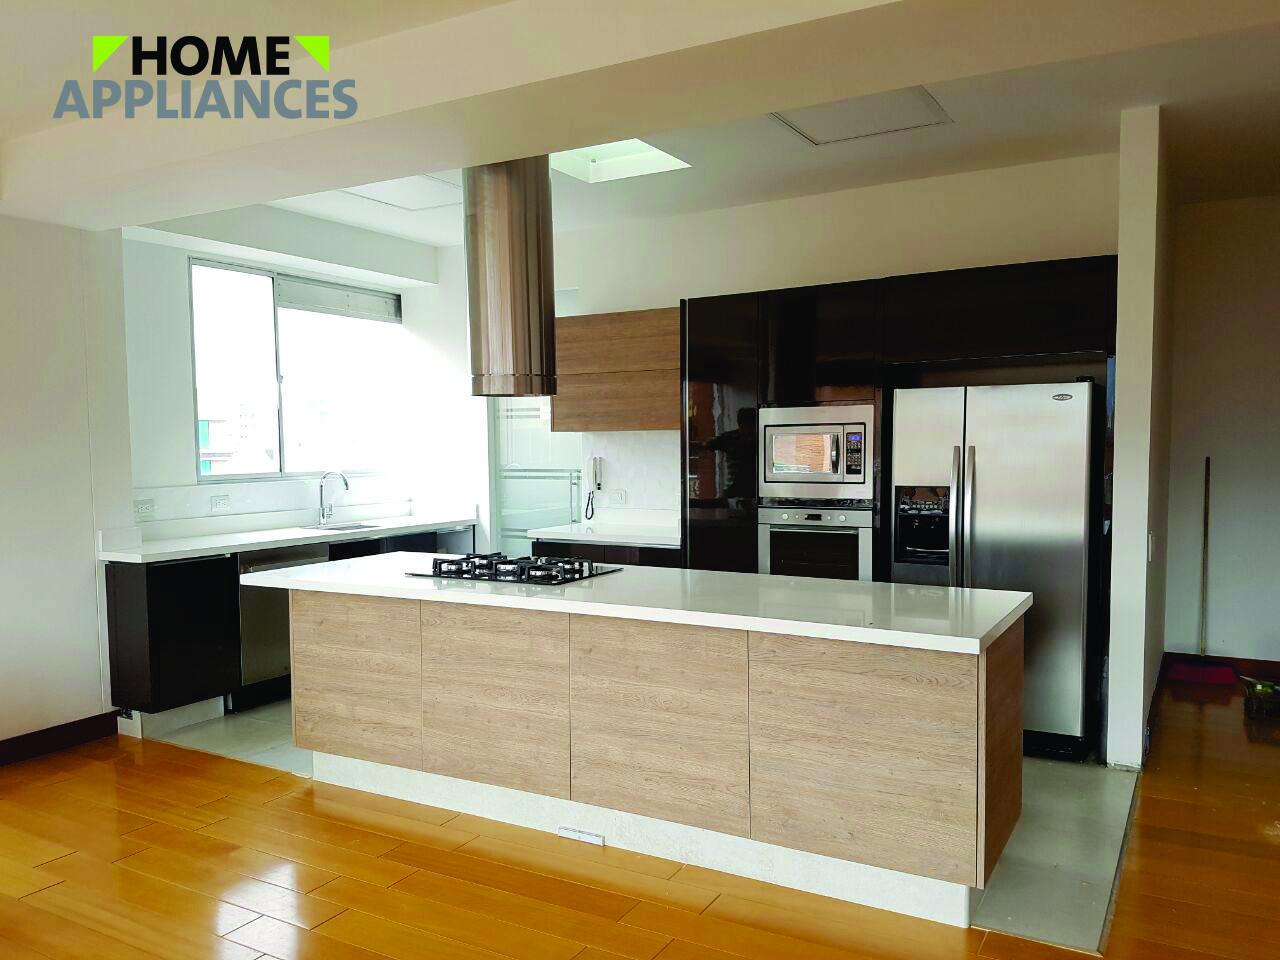 Dise o de cocinas modernas dise o cocinas modernas - Diseno de cocinas integrales ...